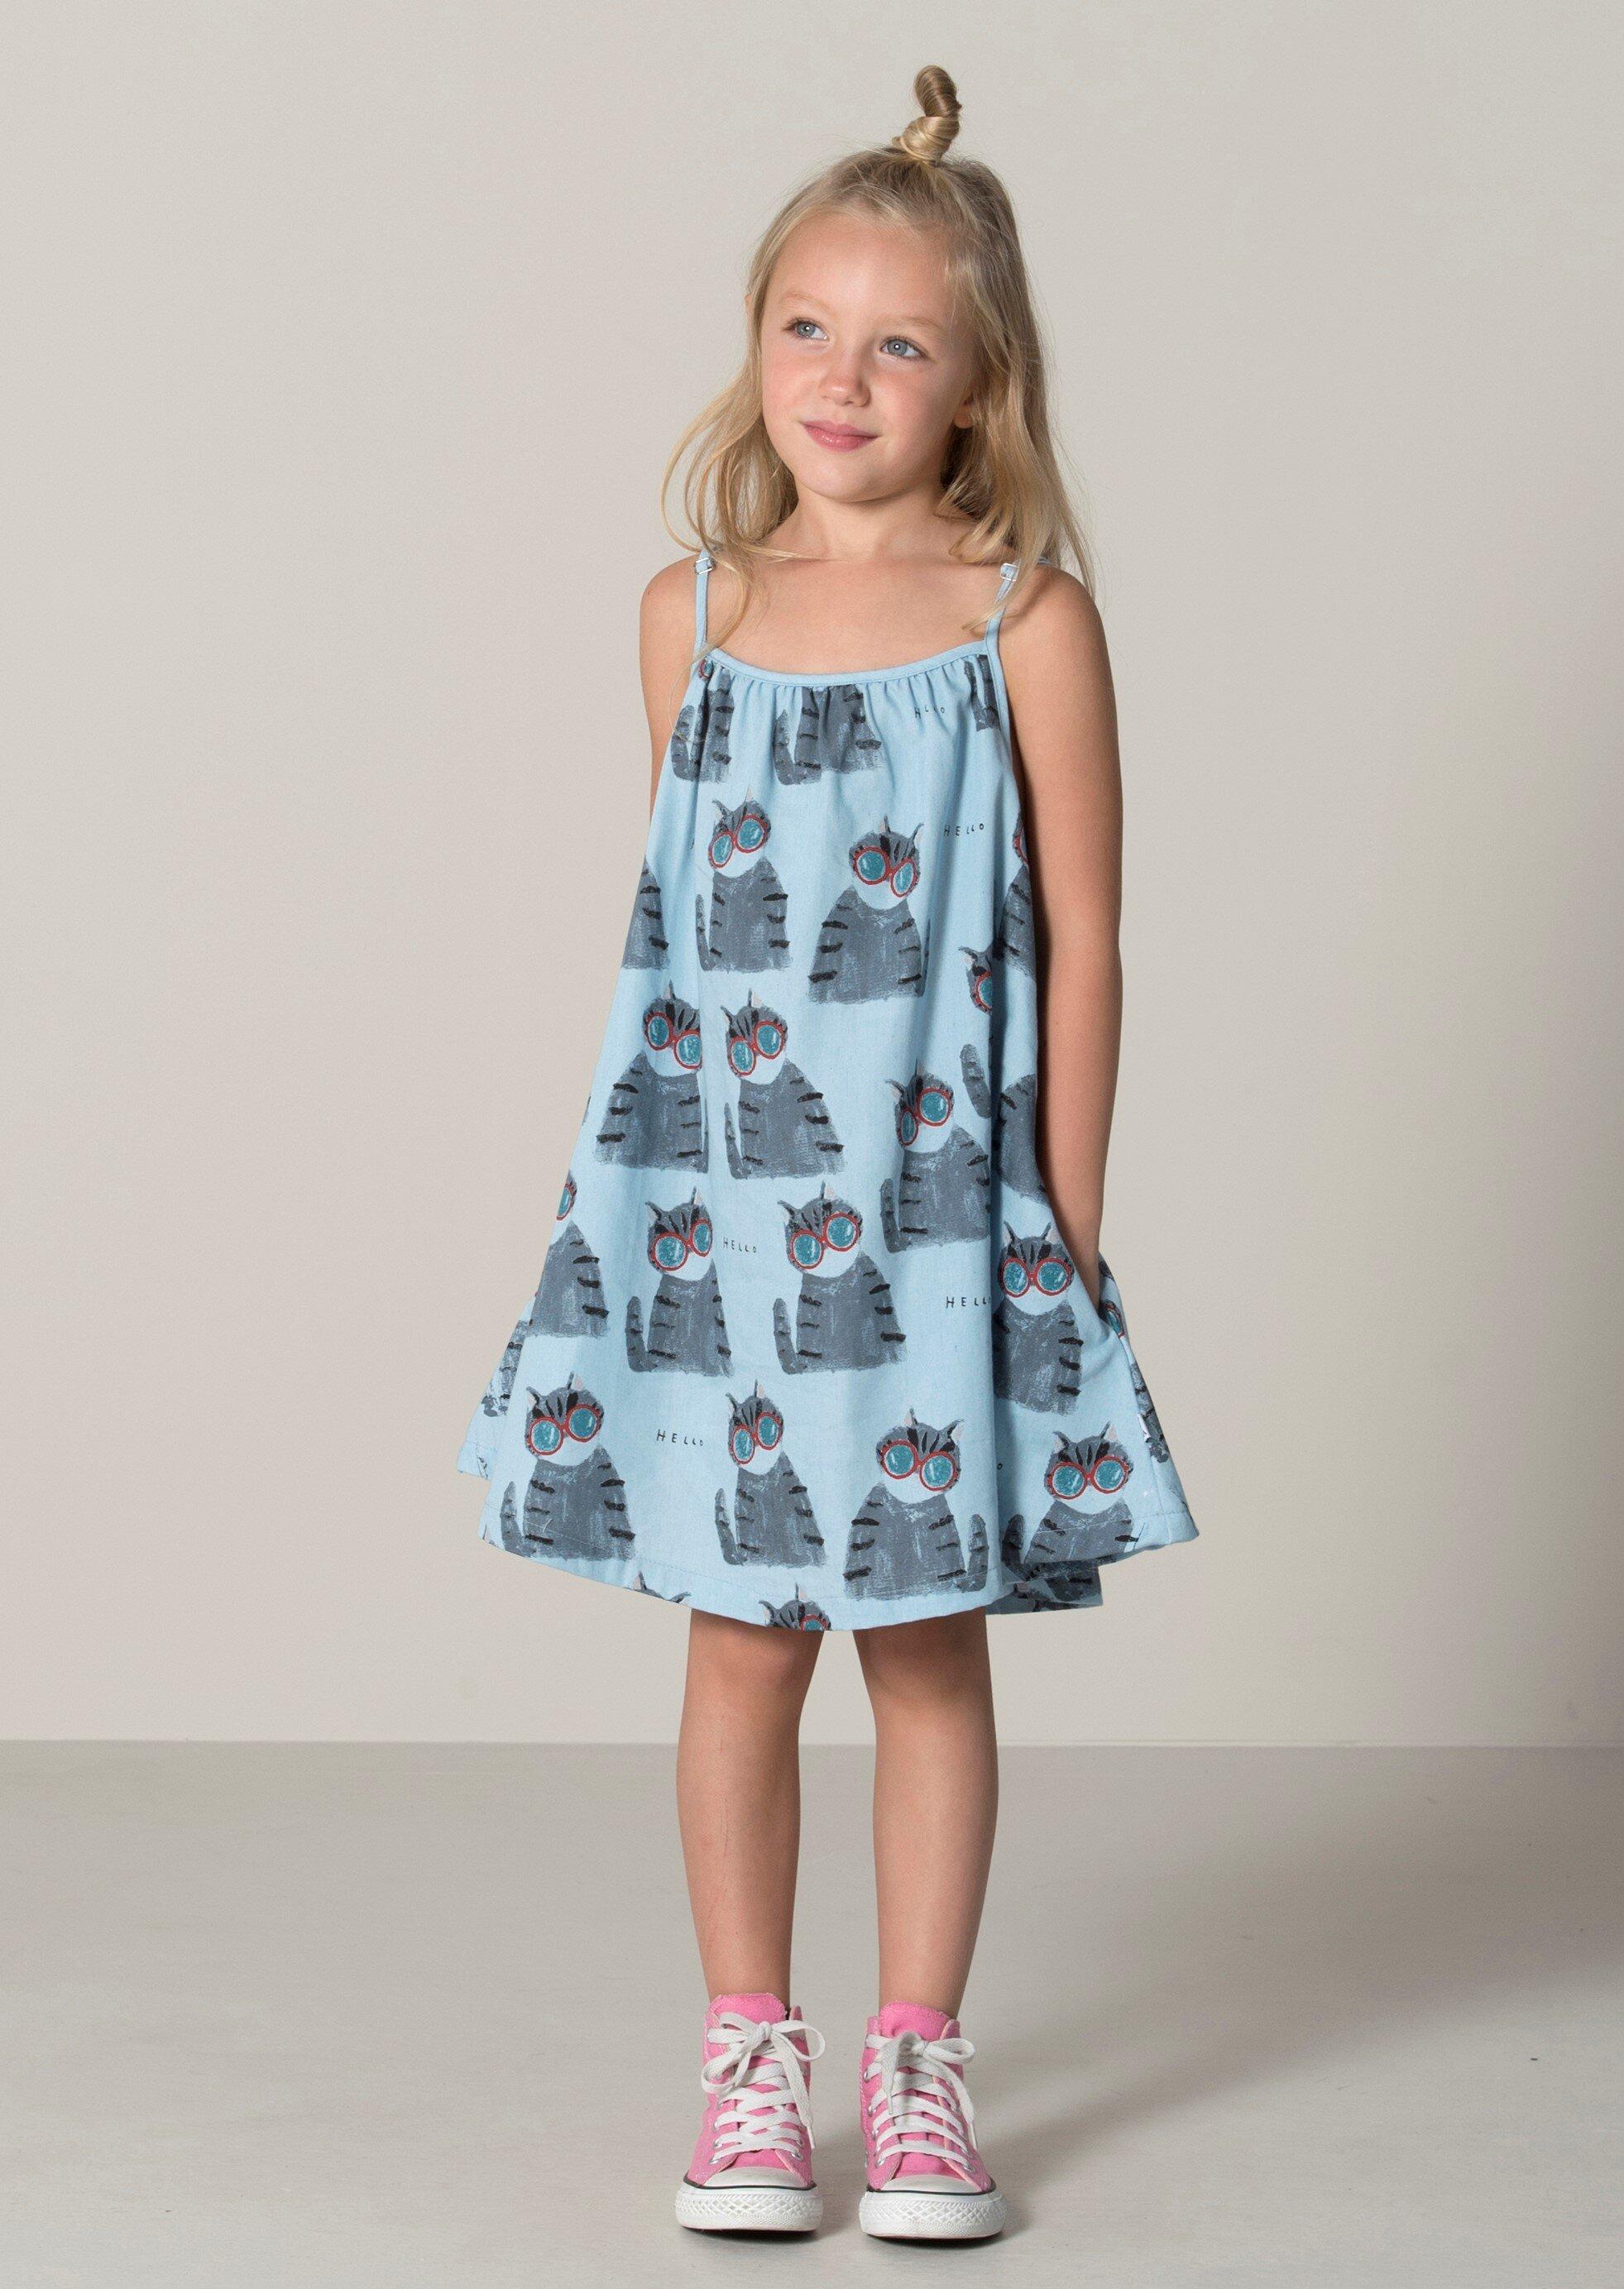 623075816a65 Minti Painted Cats Swing Dress - Chambray - SHOP BY BRAND-Minti ...